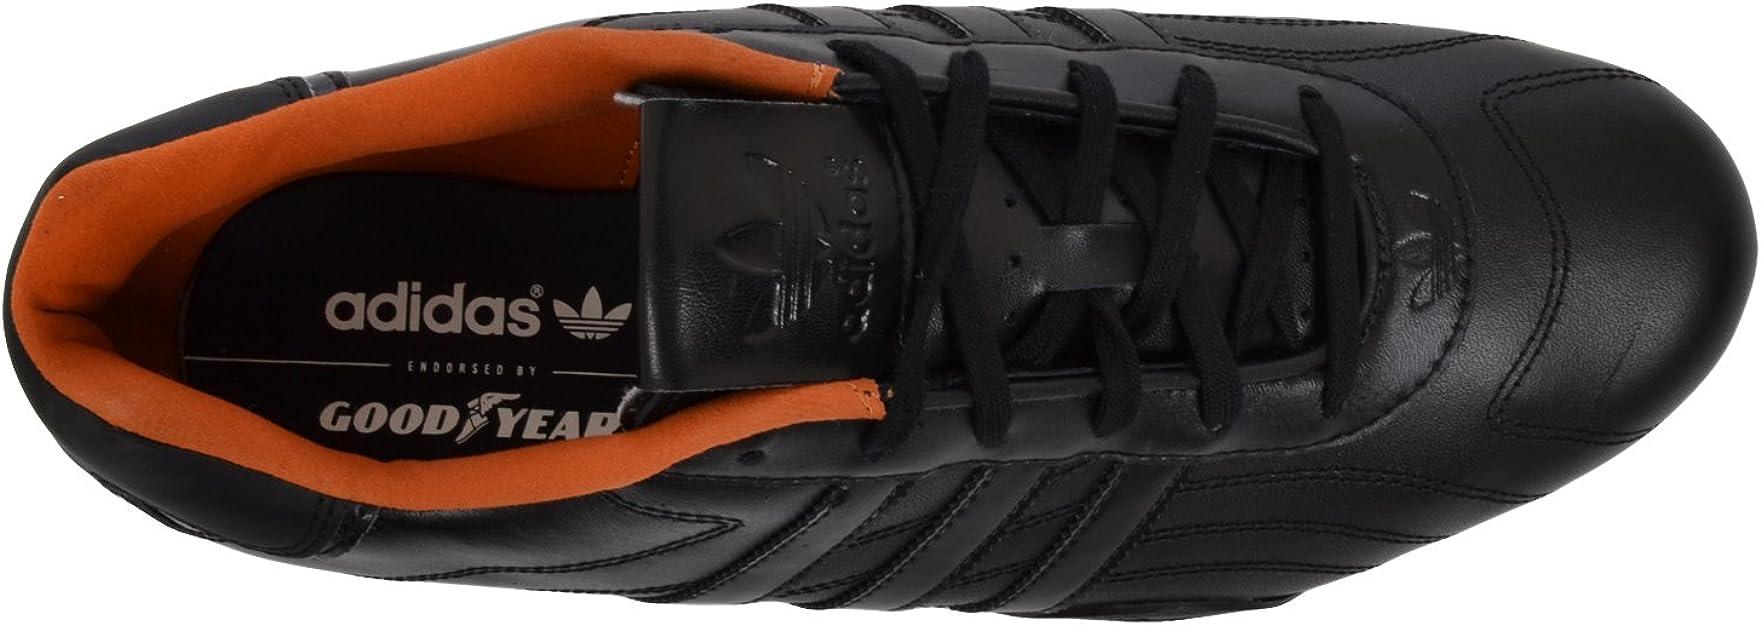 adidas Originals ADI RACER LO M V24494, Baskets mode mixte adulte